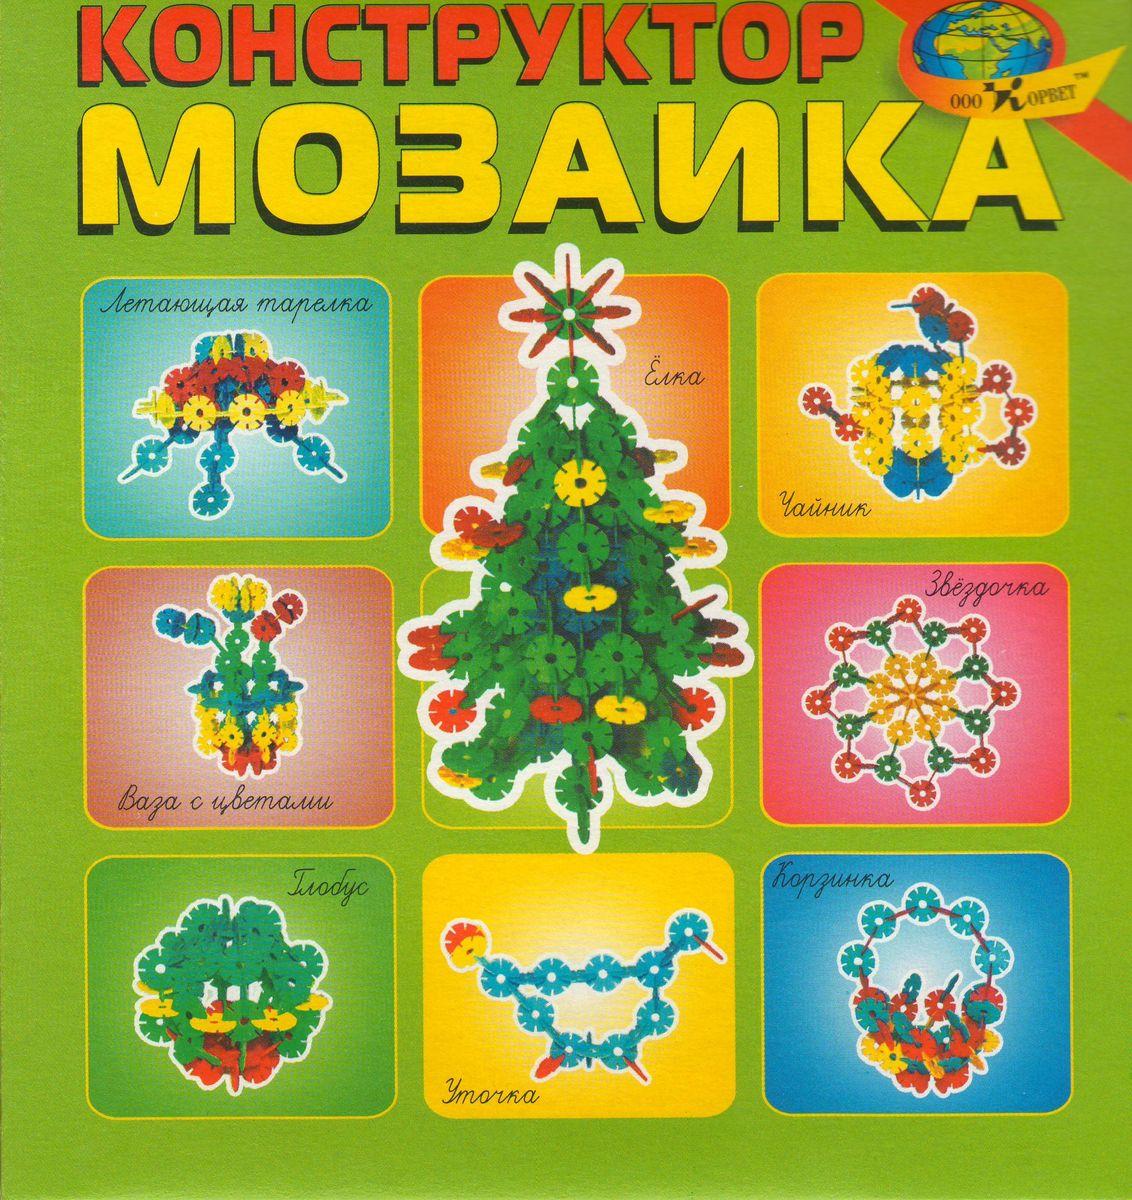 Корвет Обучающая игра Конструктор Мозаика4680000430333Игра состоит из круглых плоских фигур с прорезями для соединения. Фигуры четырех цветов в количестве 80 штук по 20 каждого цвета. Наши конструкторы - это занимательные развивающие игры на восприятие цвета, формы, и величины у детей, начиная в раннего возраста. Развивают комбинаторные способности и пространственное воображение.